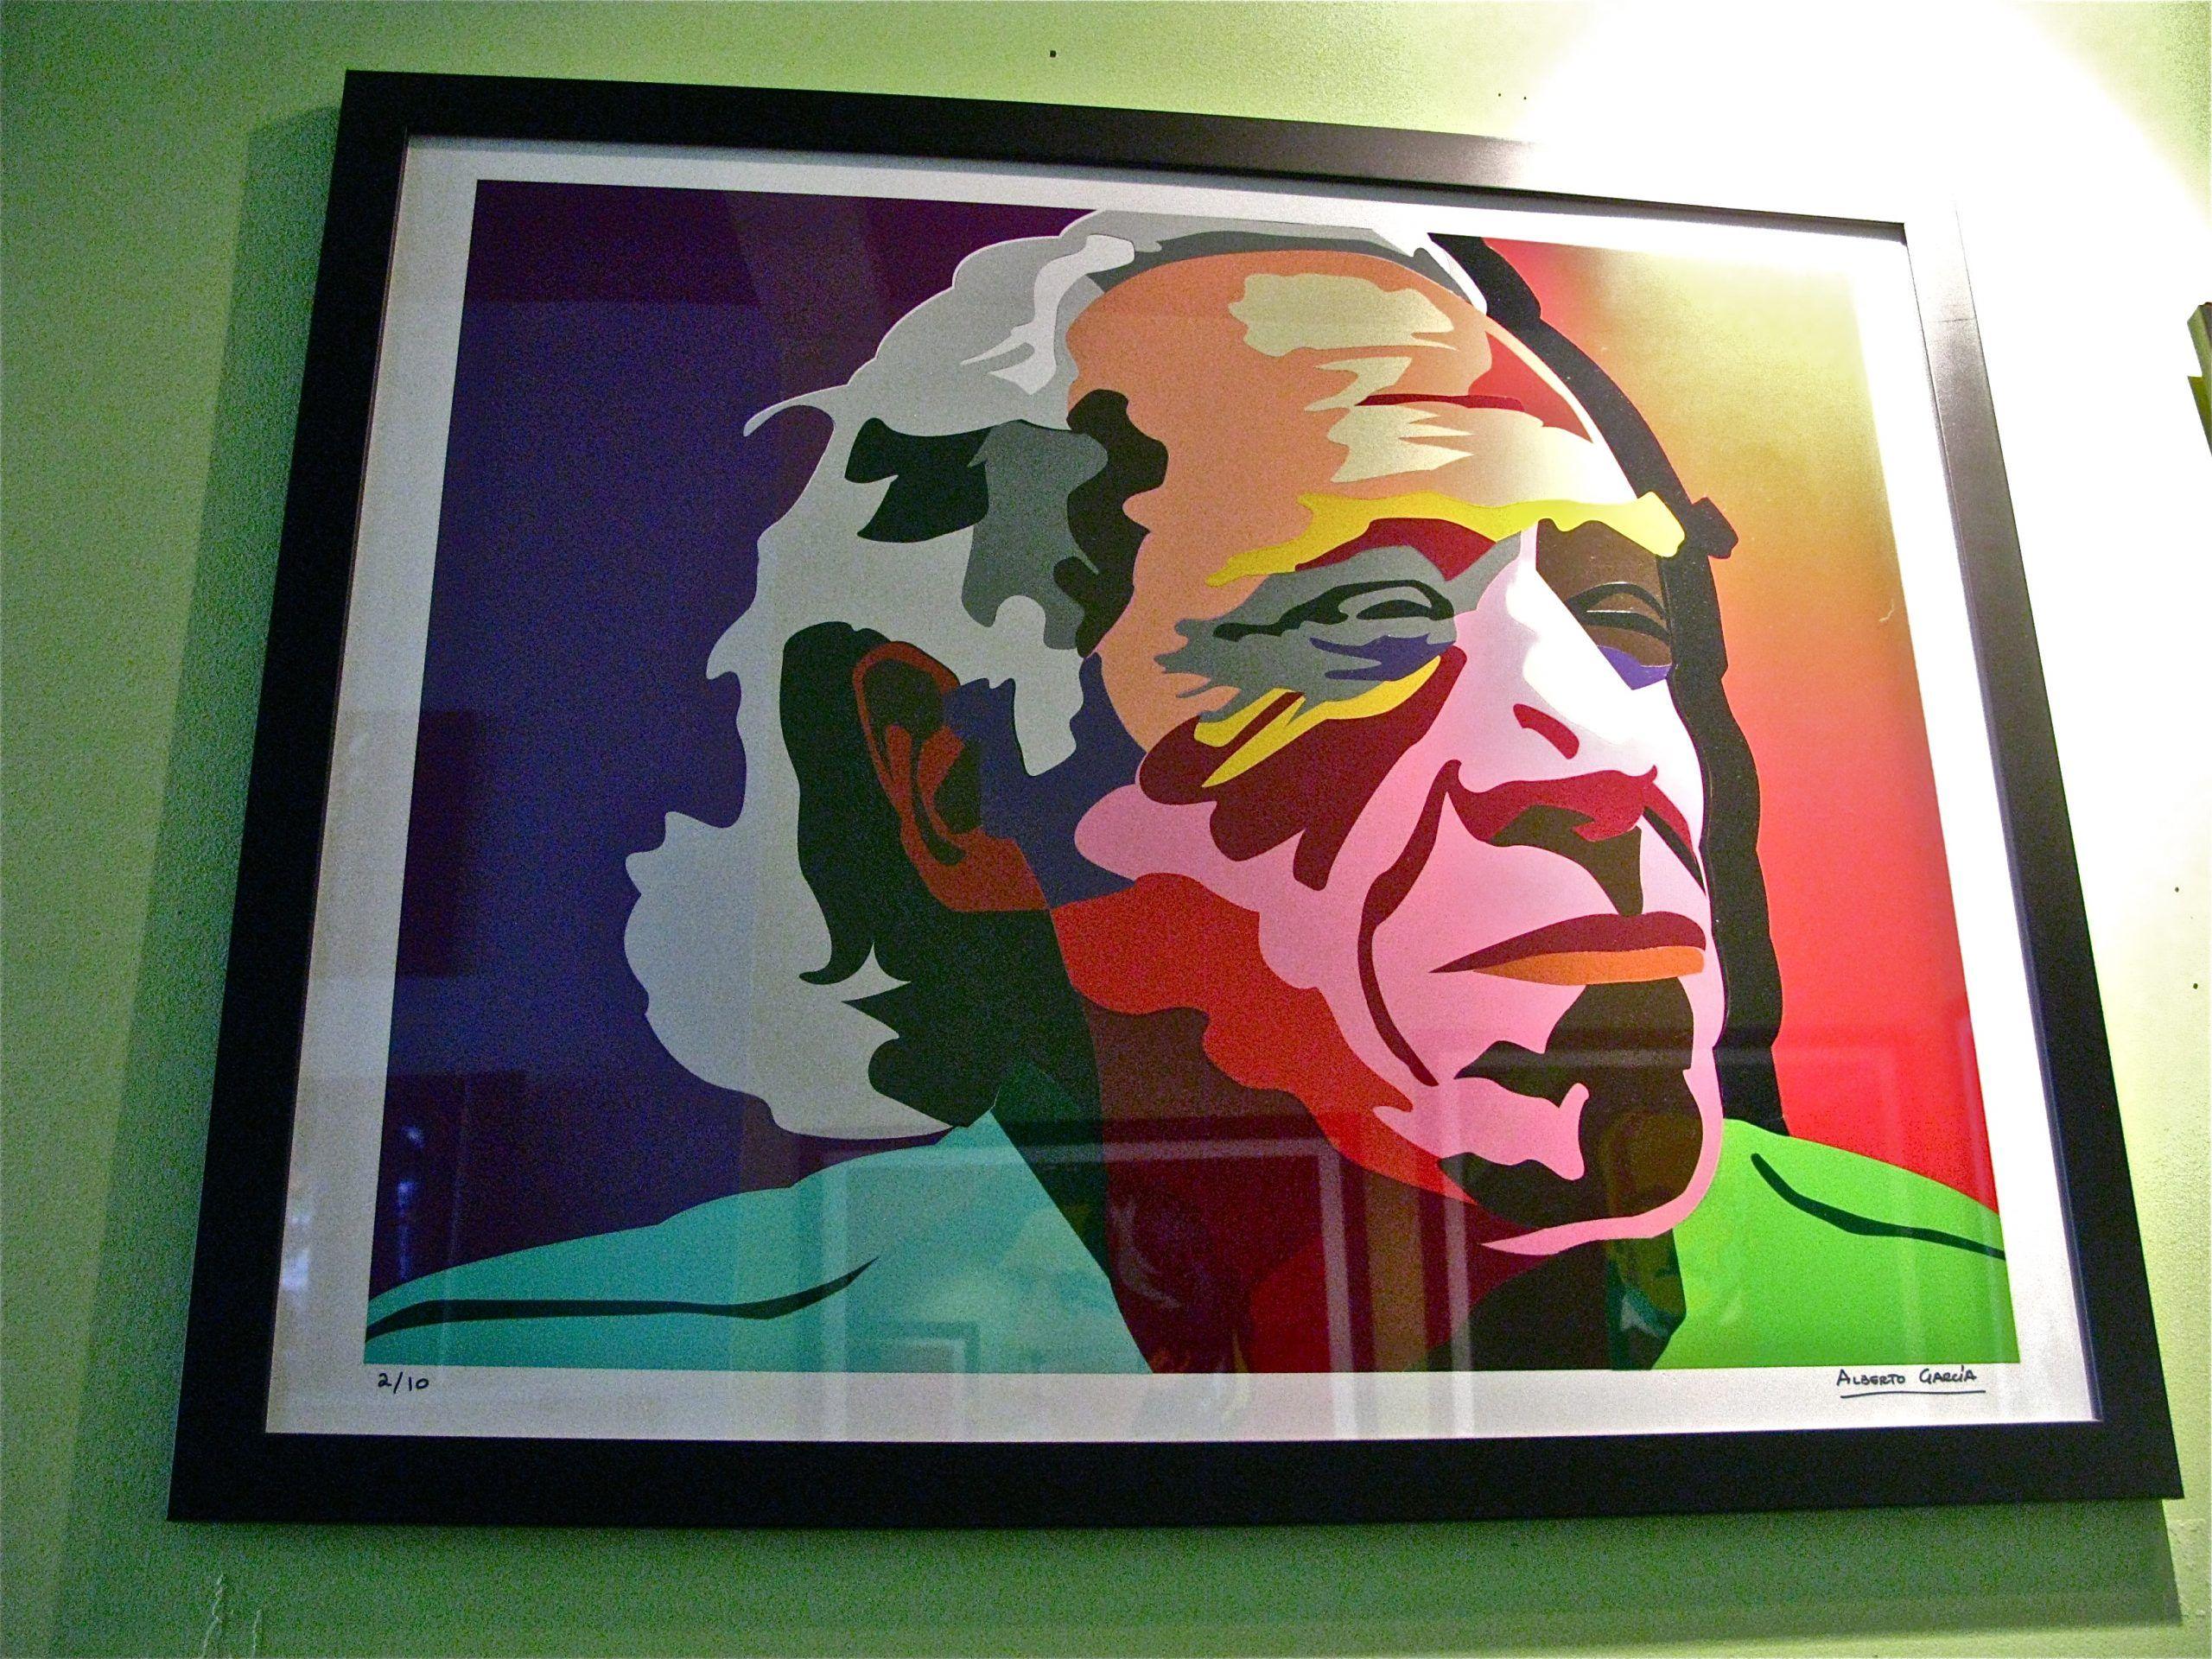 Charles Bukowski, frasi e citazioni dalle poesie e dai suoi libri più famosi